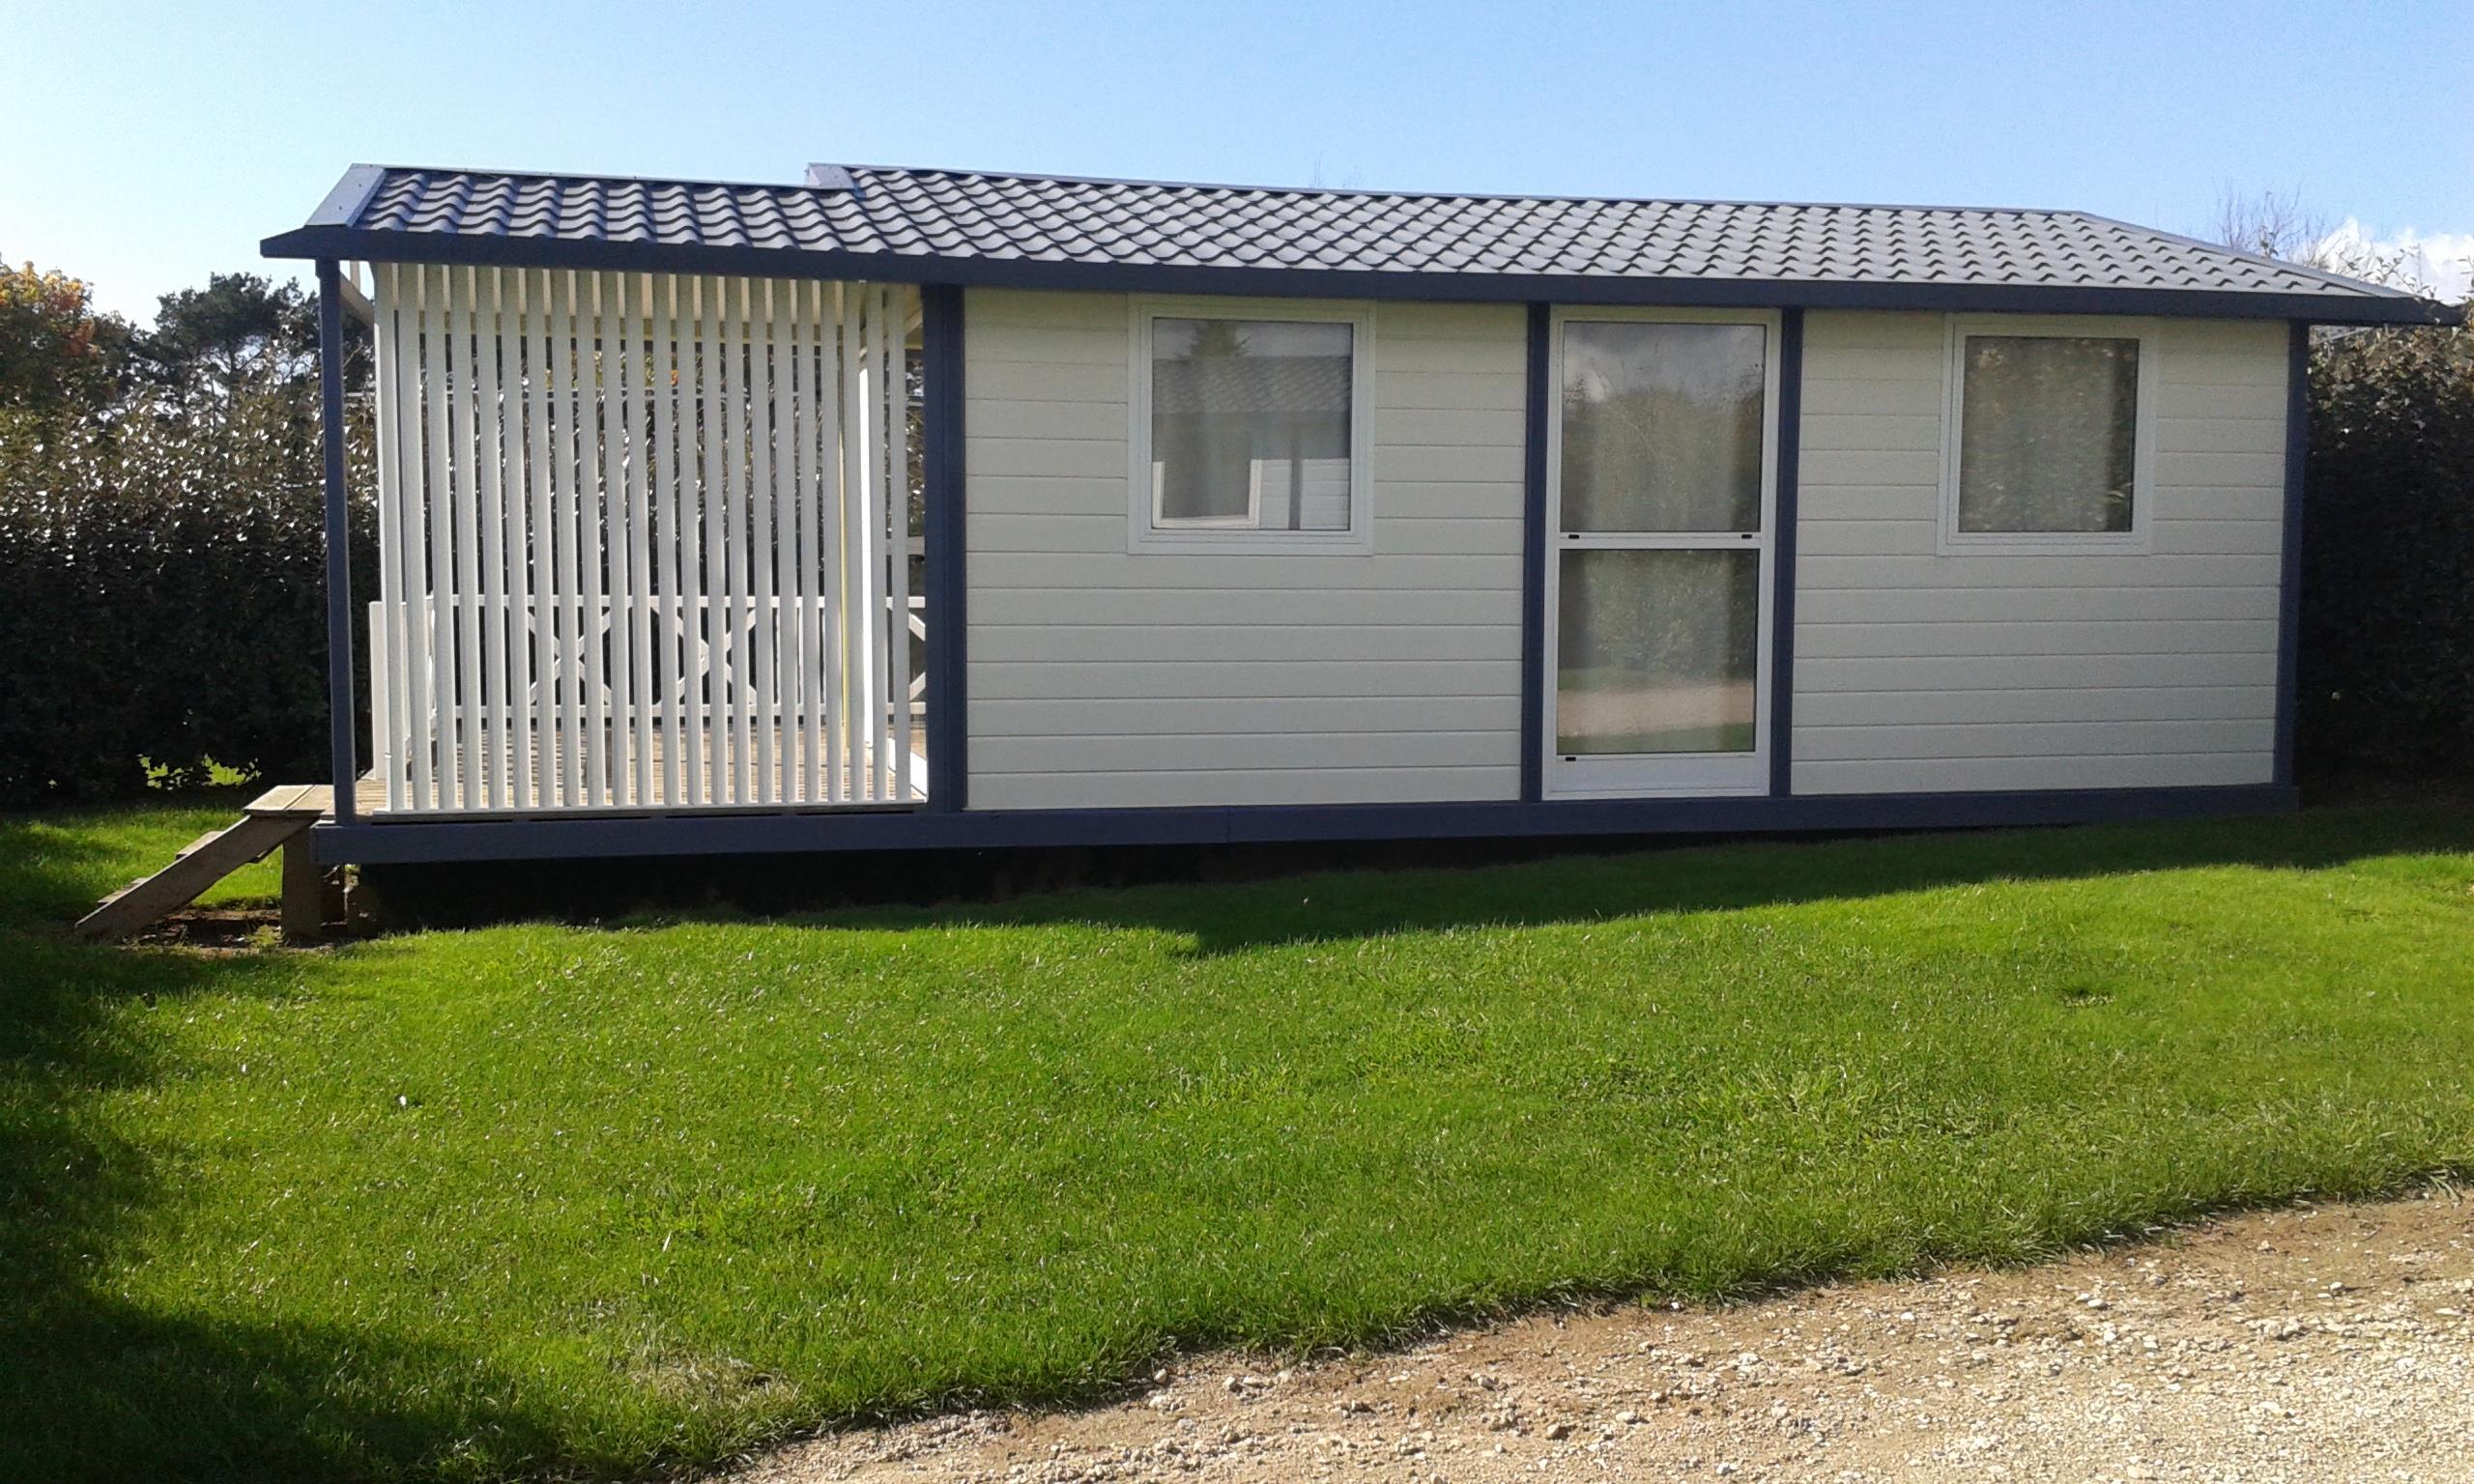 Location - Chalet Eco (3 Chambres) Avec Terrasse Couverte 39 M² - Camping Les Jardins de Kergal